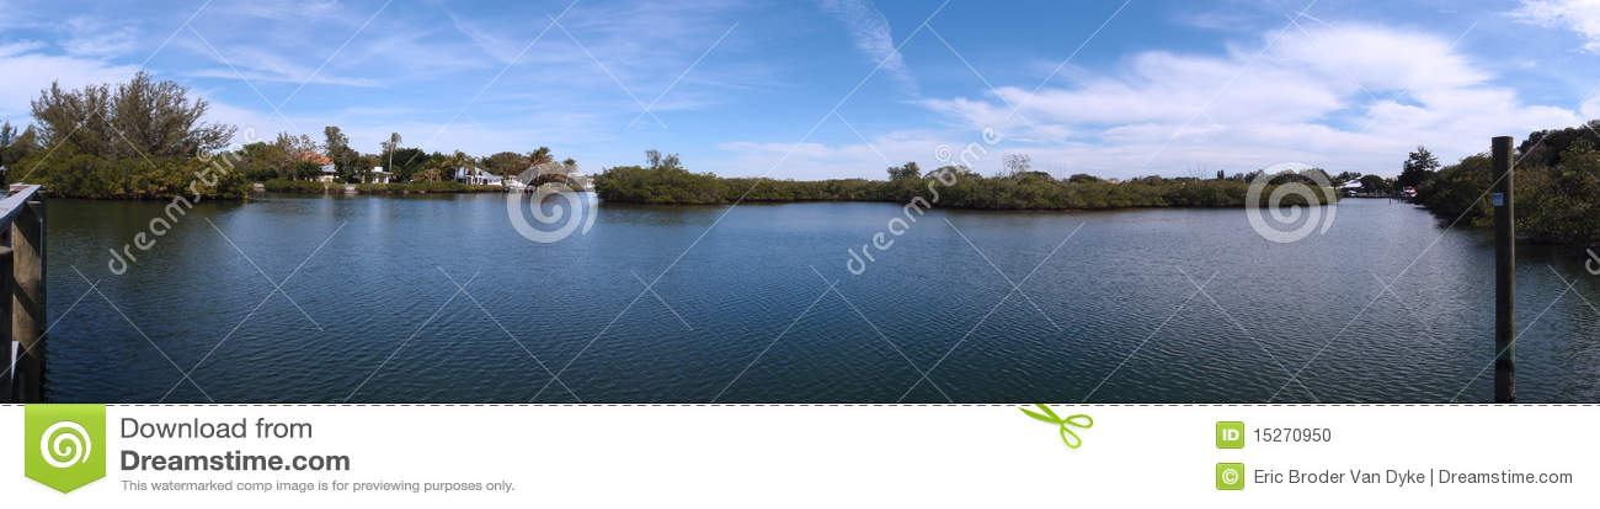 La sièste introduit la région de canal paroramic